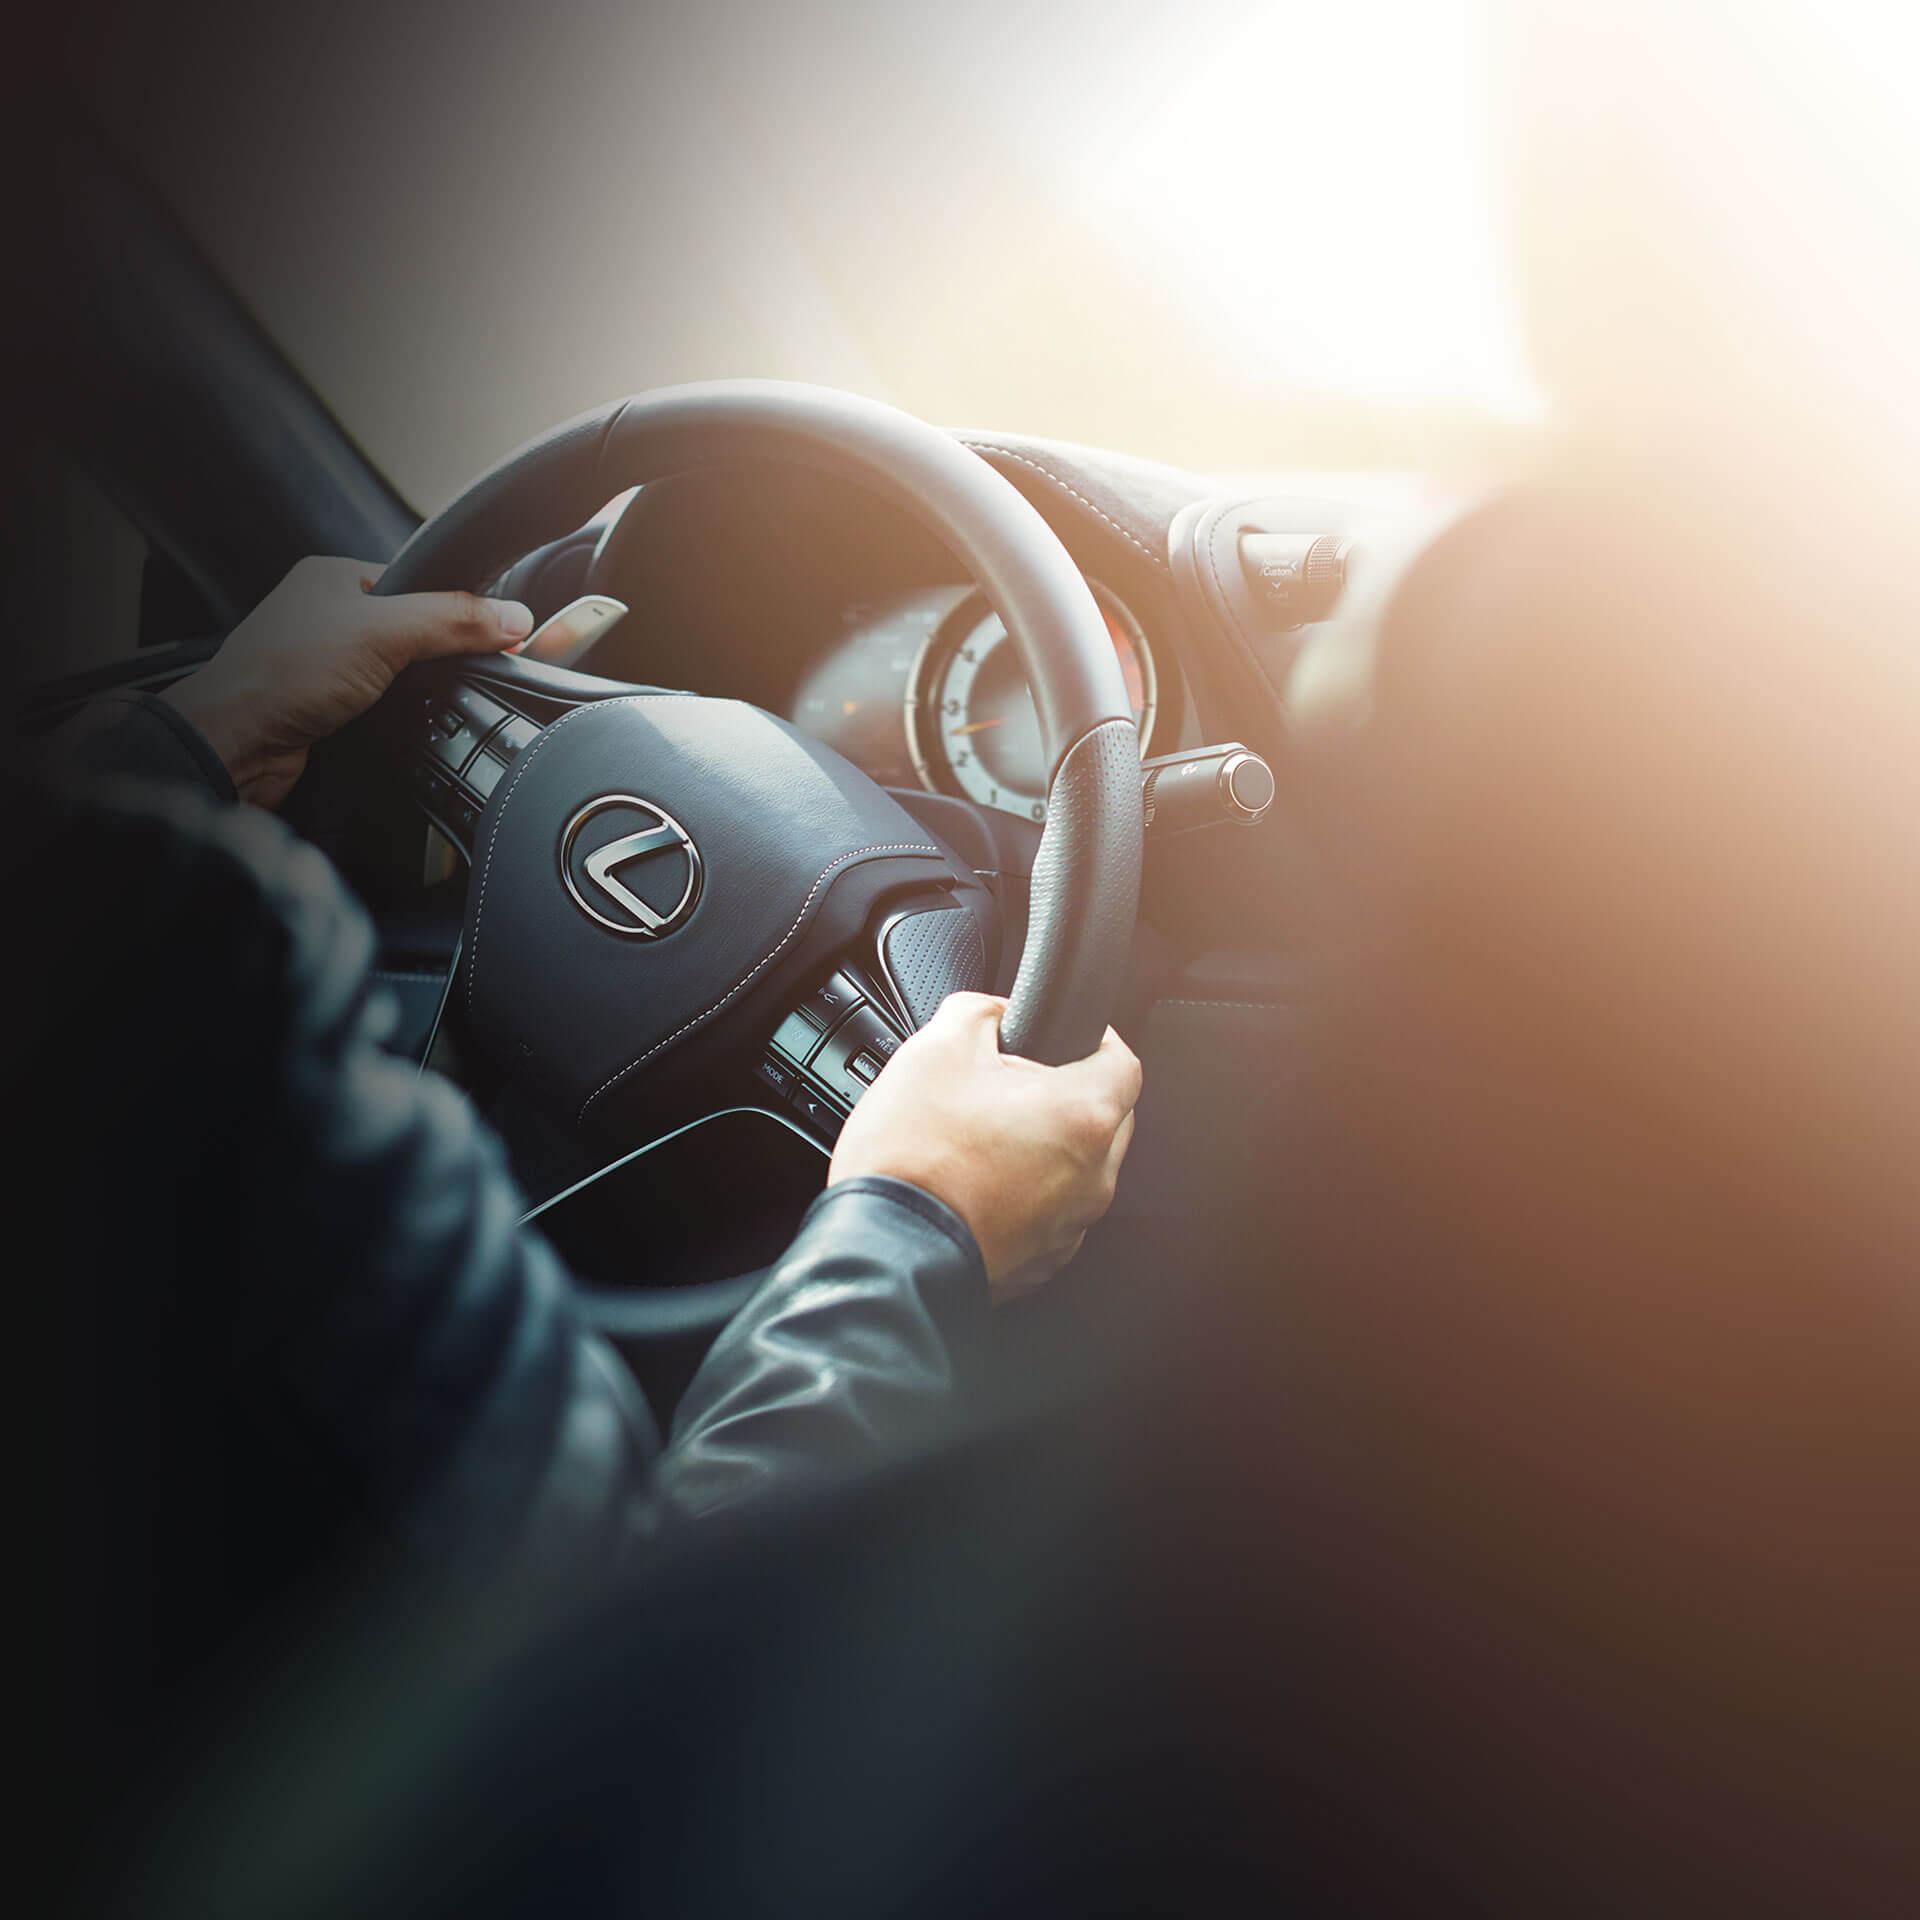 2020 safe test drives hero